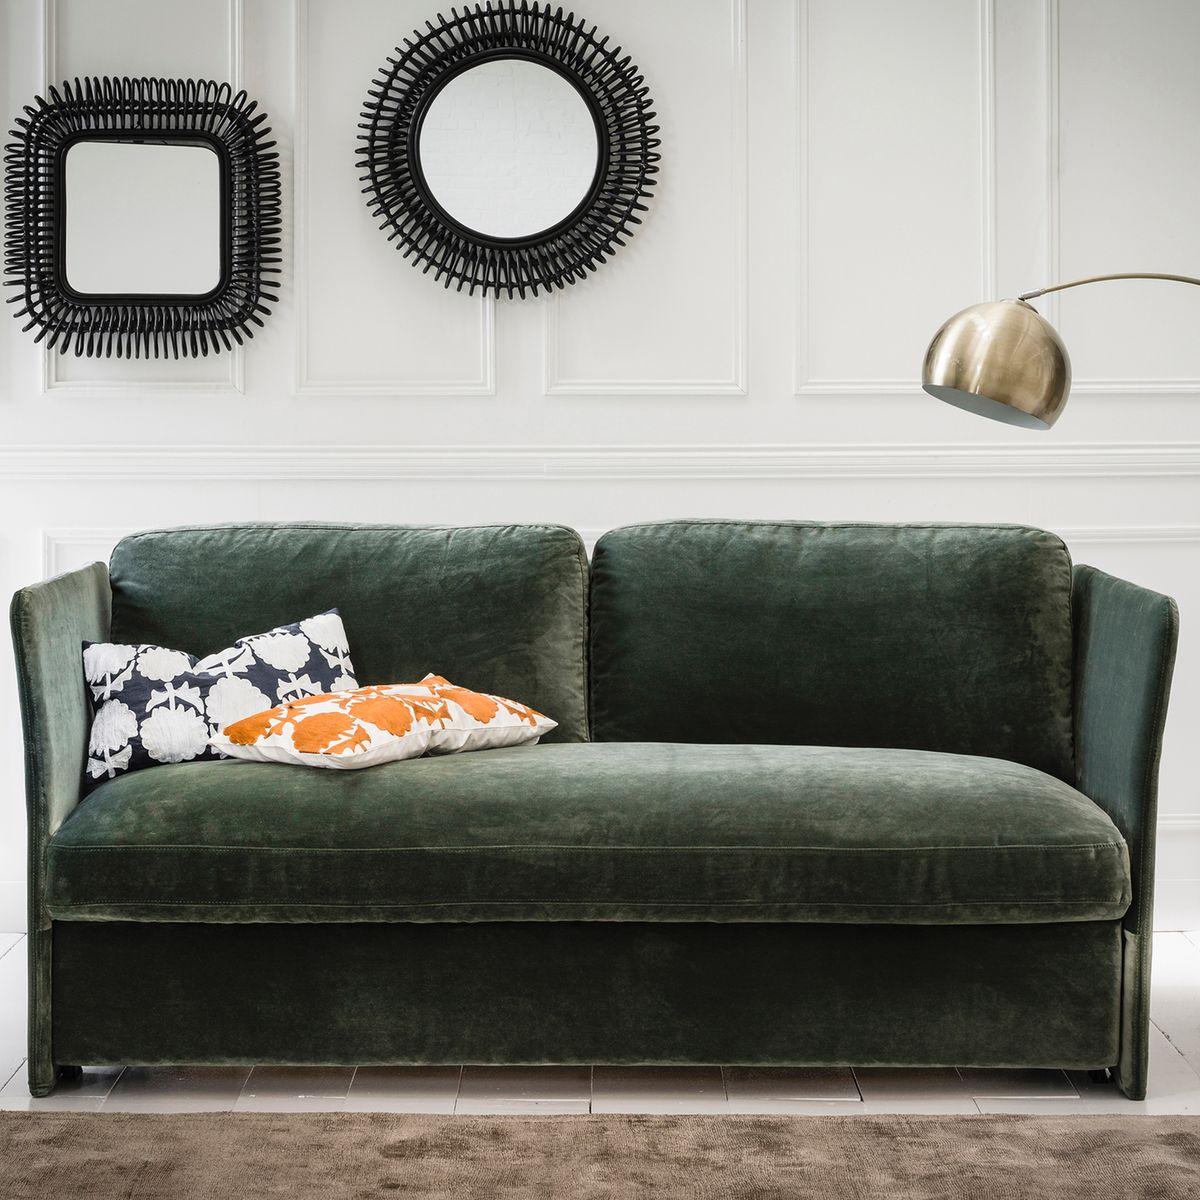 inspiration je veux un canap vert madame d core. Black Bedroom Furniture Sets. Home Design Ideas